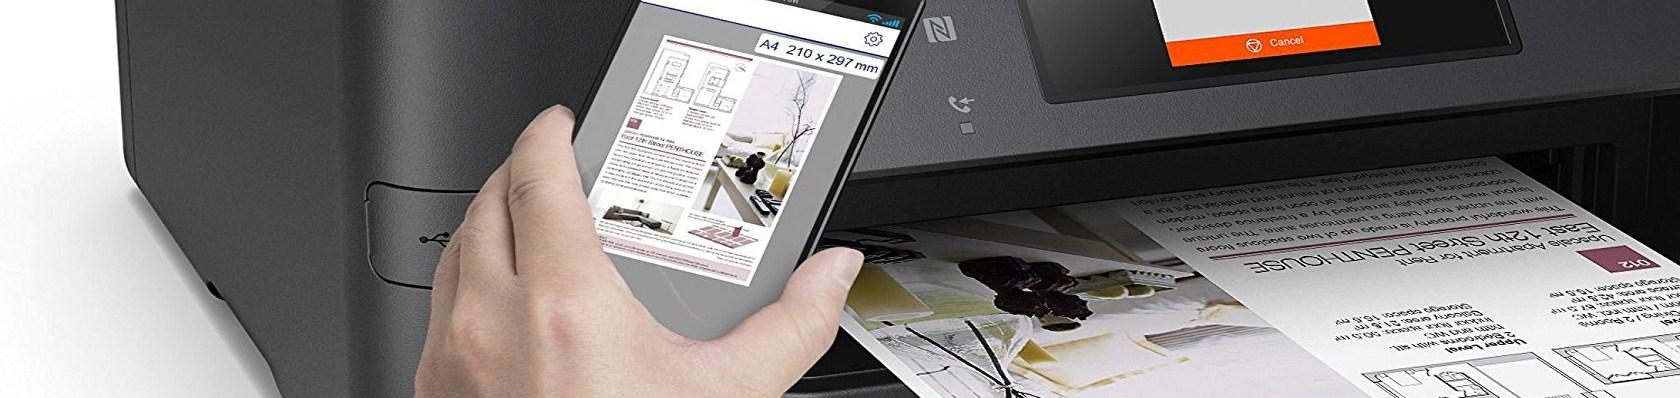 WLAN Drucker im Test auf ExpertenTesten.de